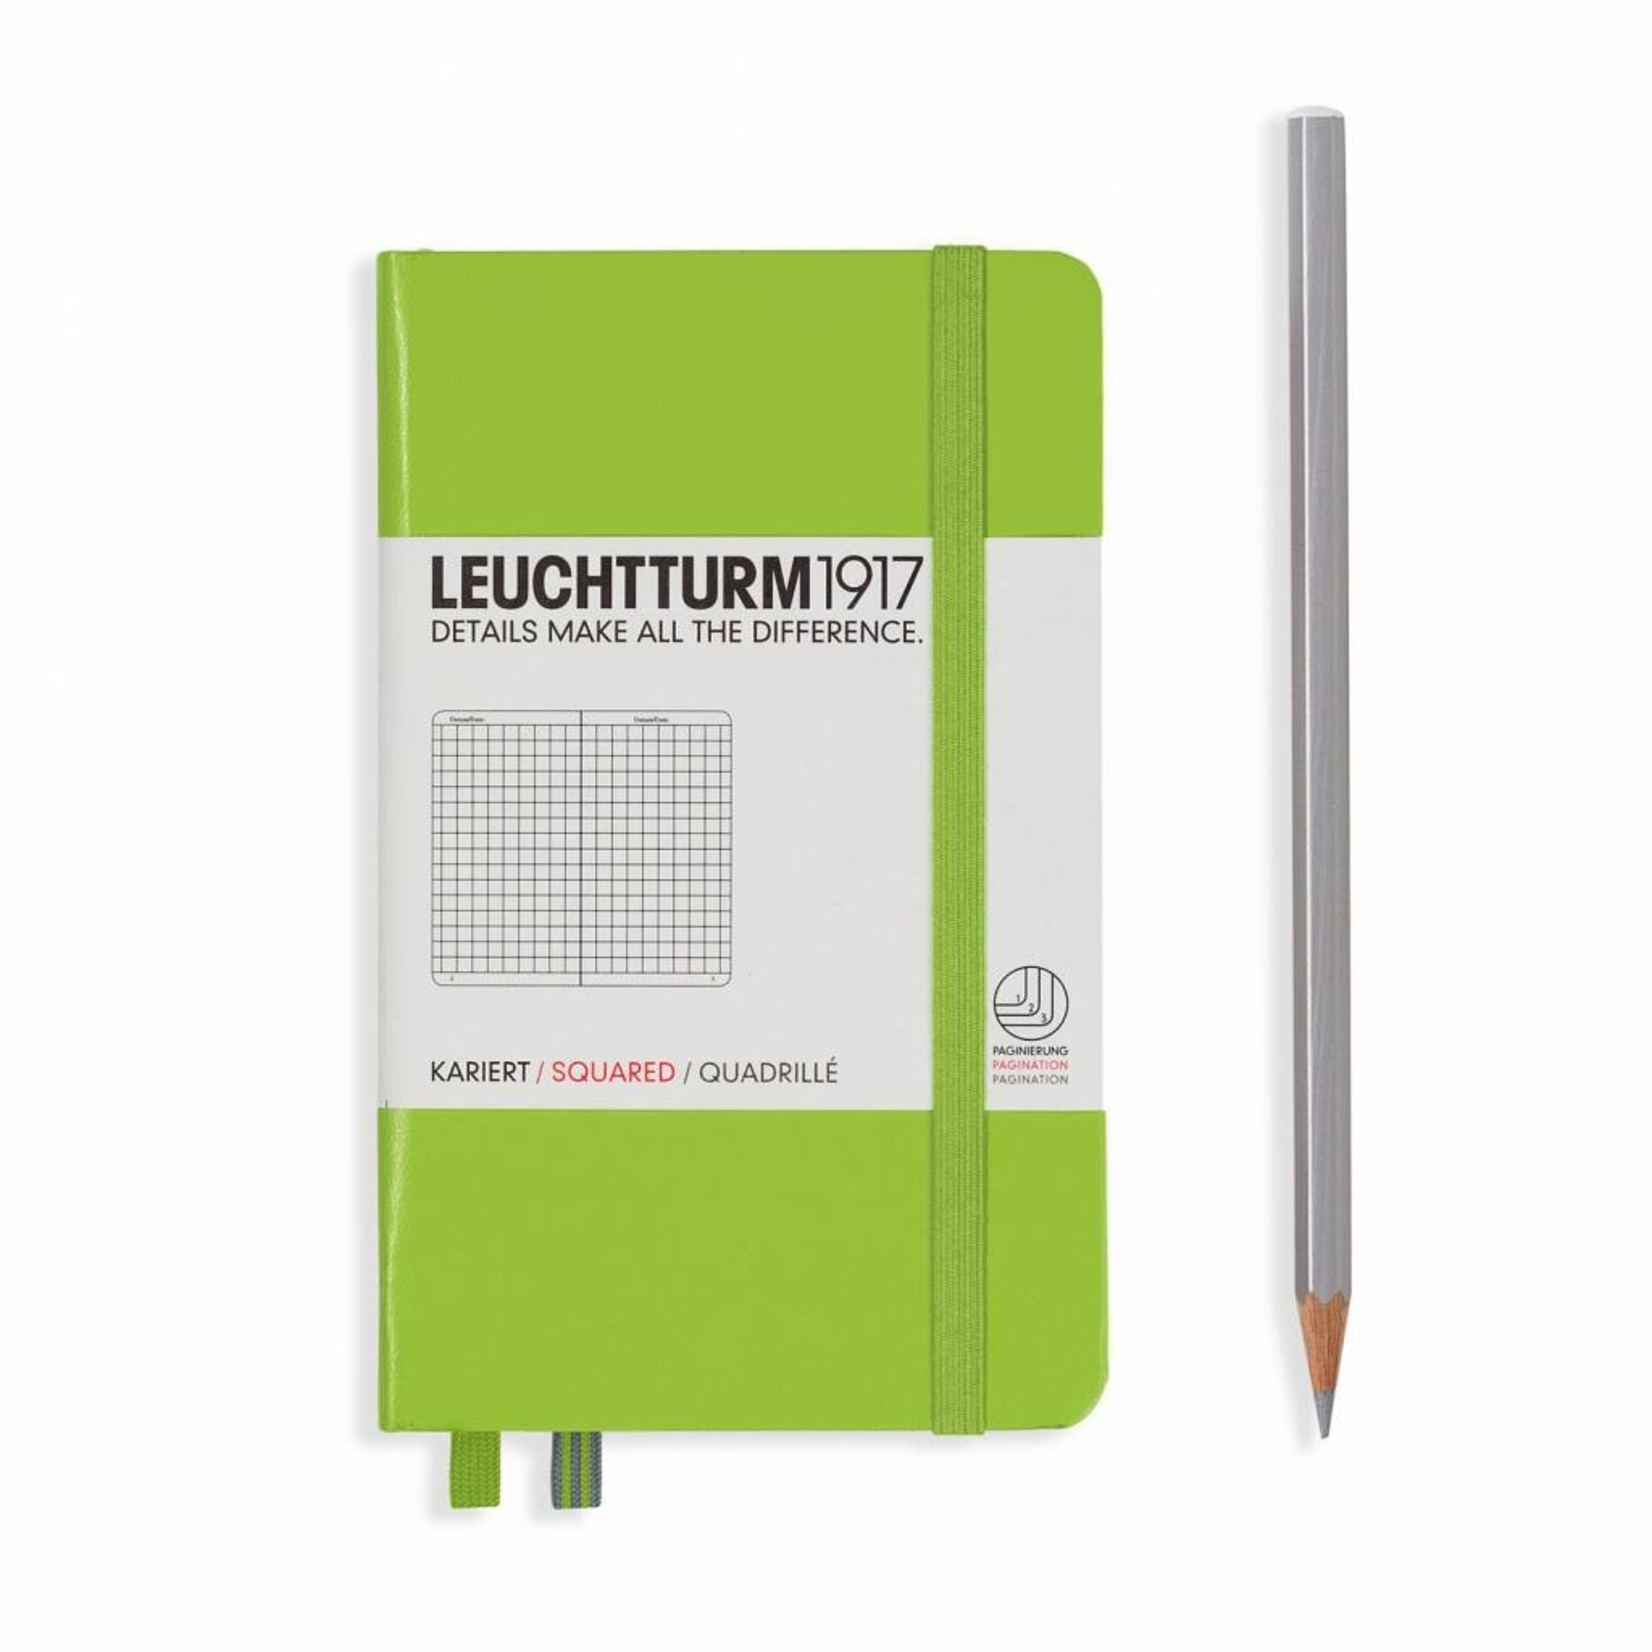 Leuchtturm1917 Leuchtturm1917 Notizbuch, Pocket, Orange, Liniert